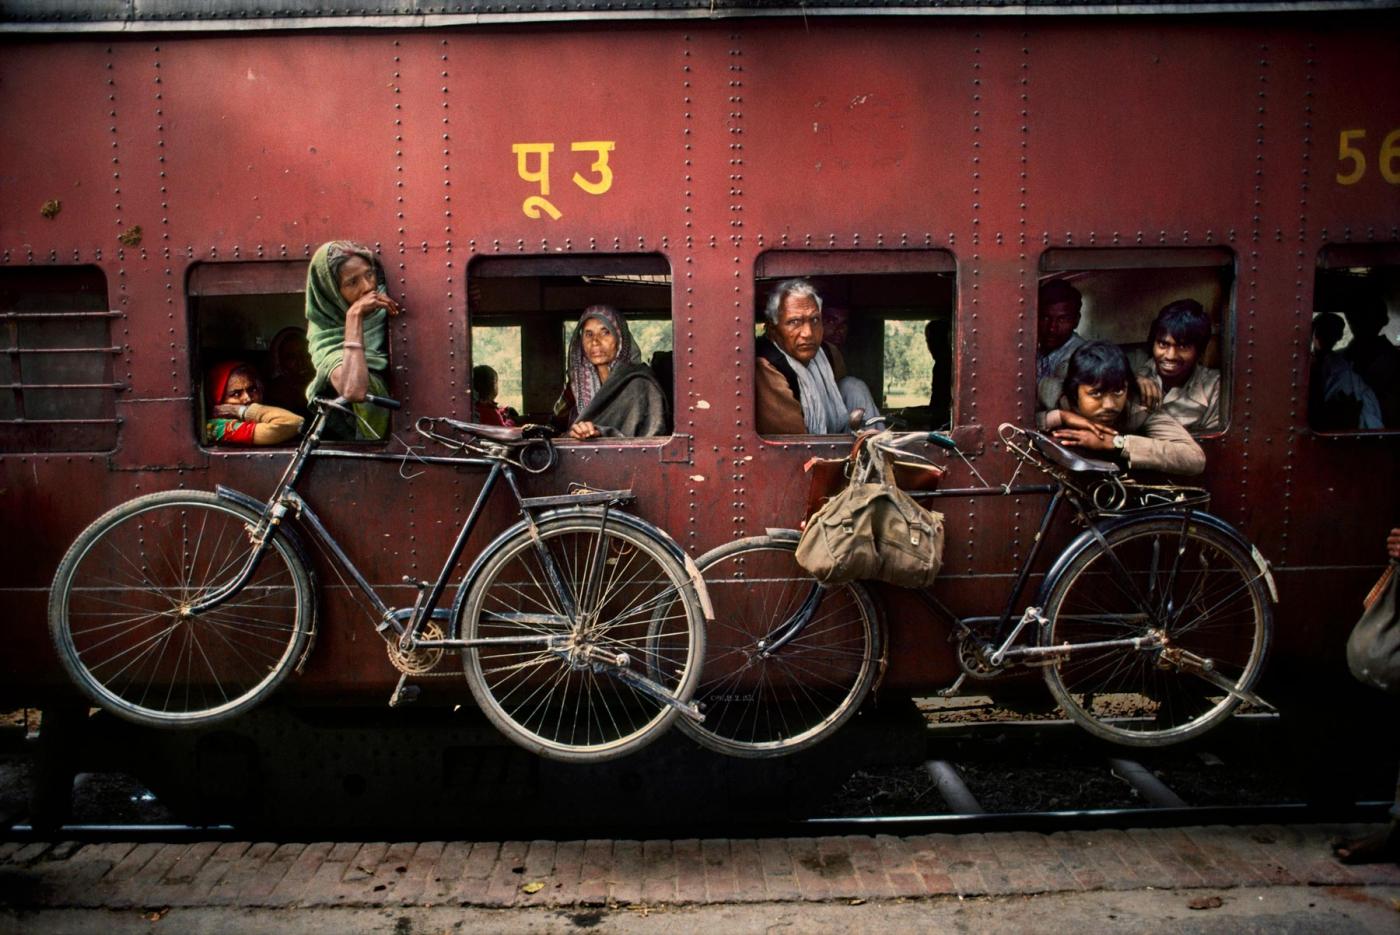 【攝影蟲】殿堂級的攝影記者 Steve McCurry_图1-16